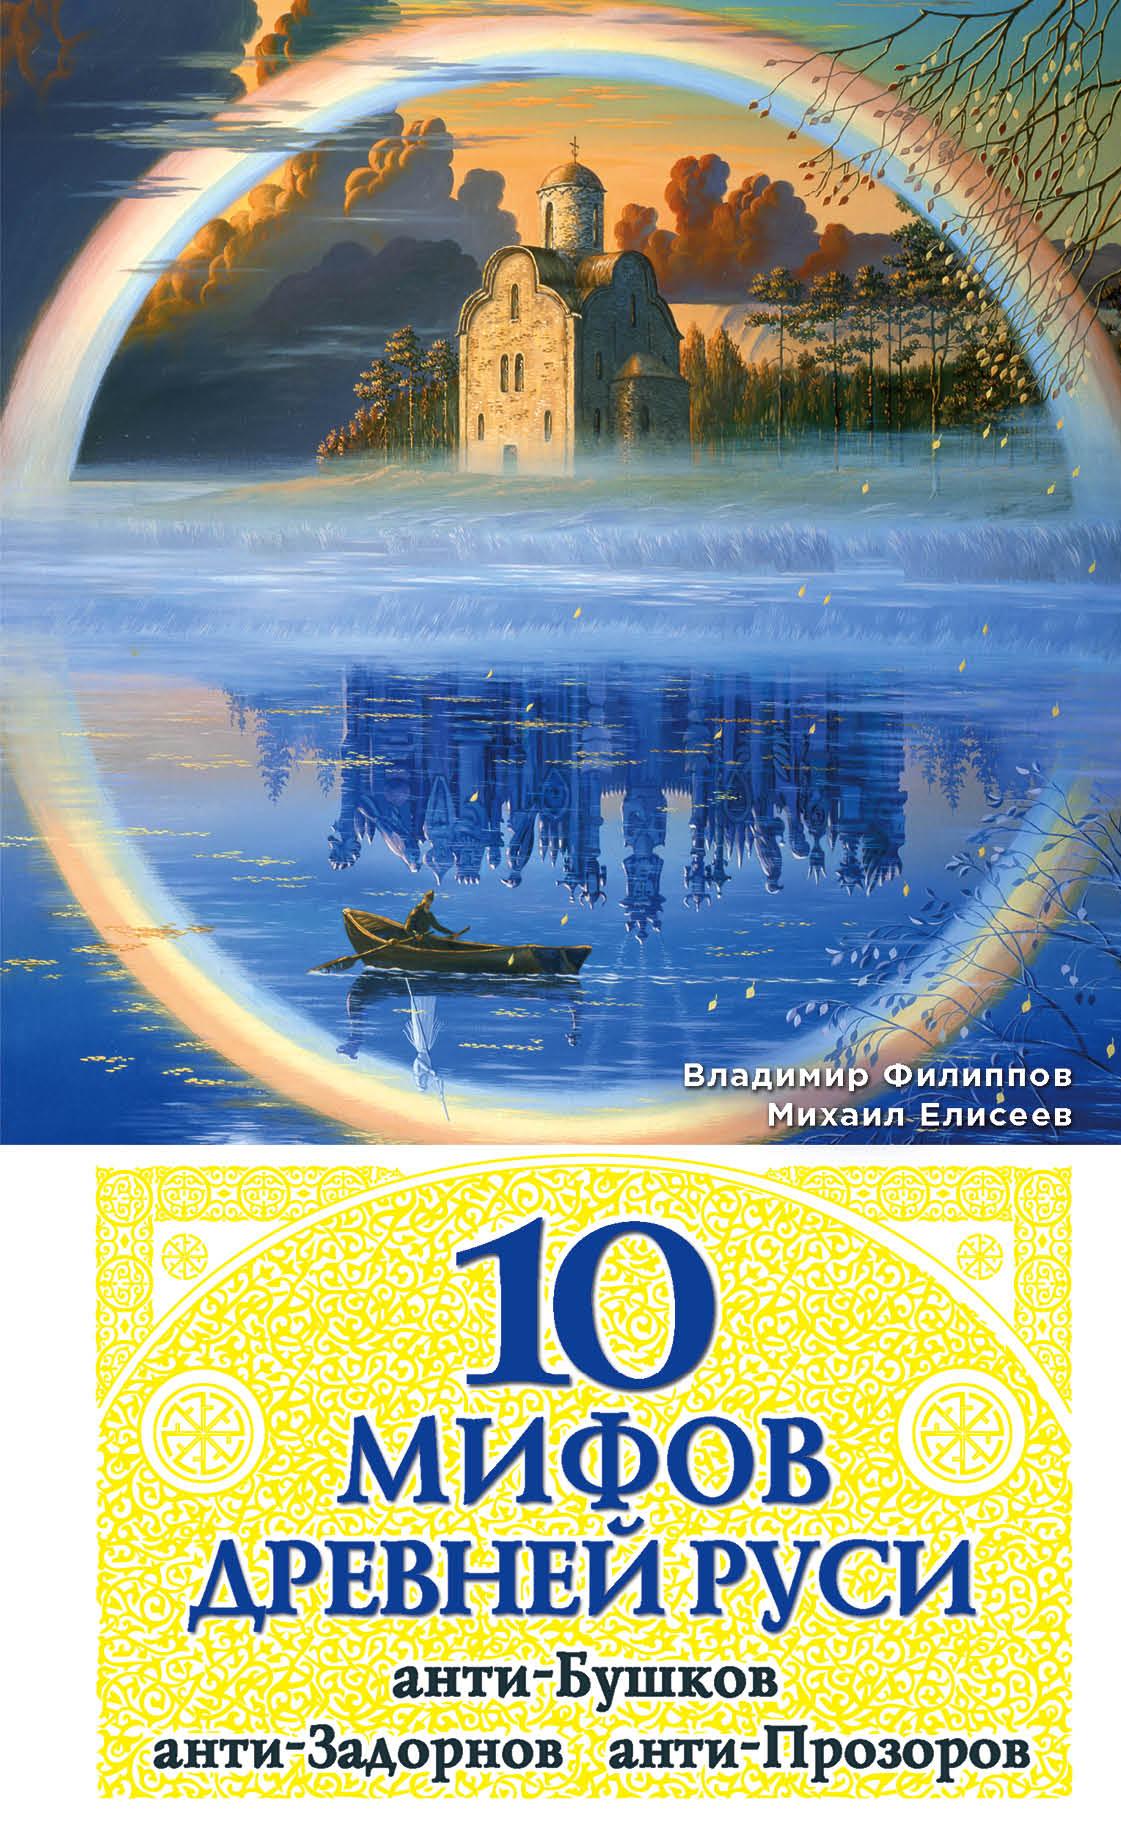 10 мифов Древней Руси. Анти-Бушков, анти-Задорнов, анти-Прозоров